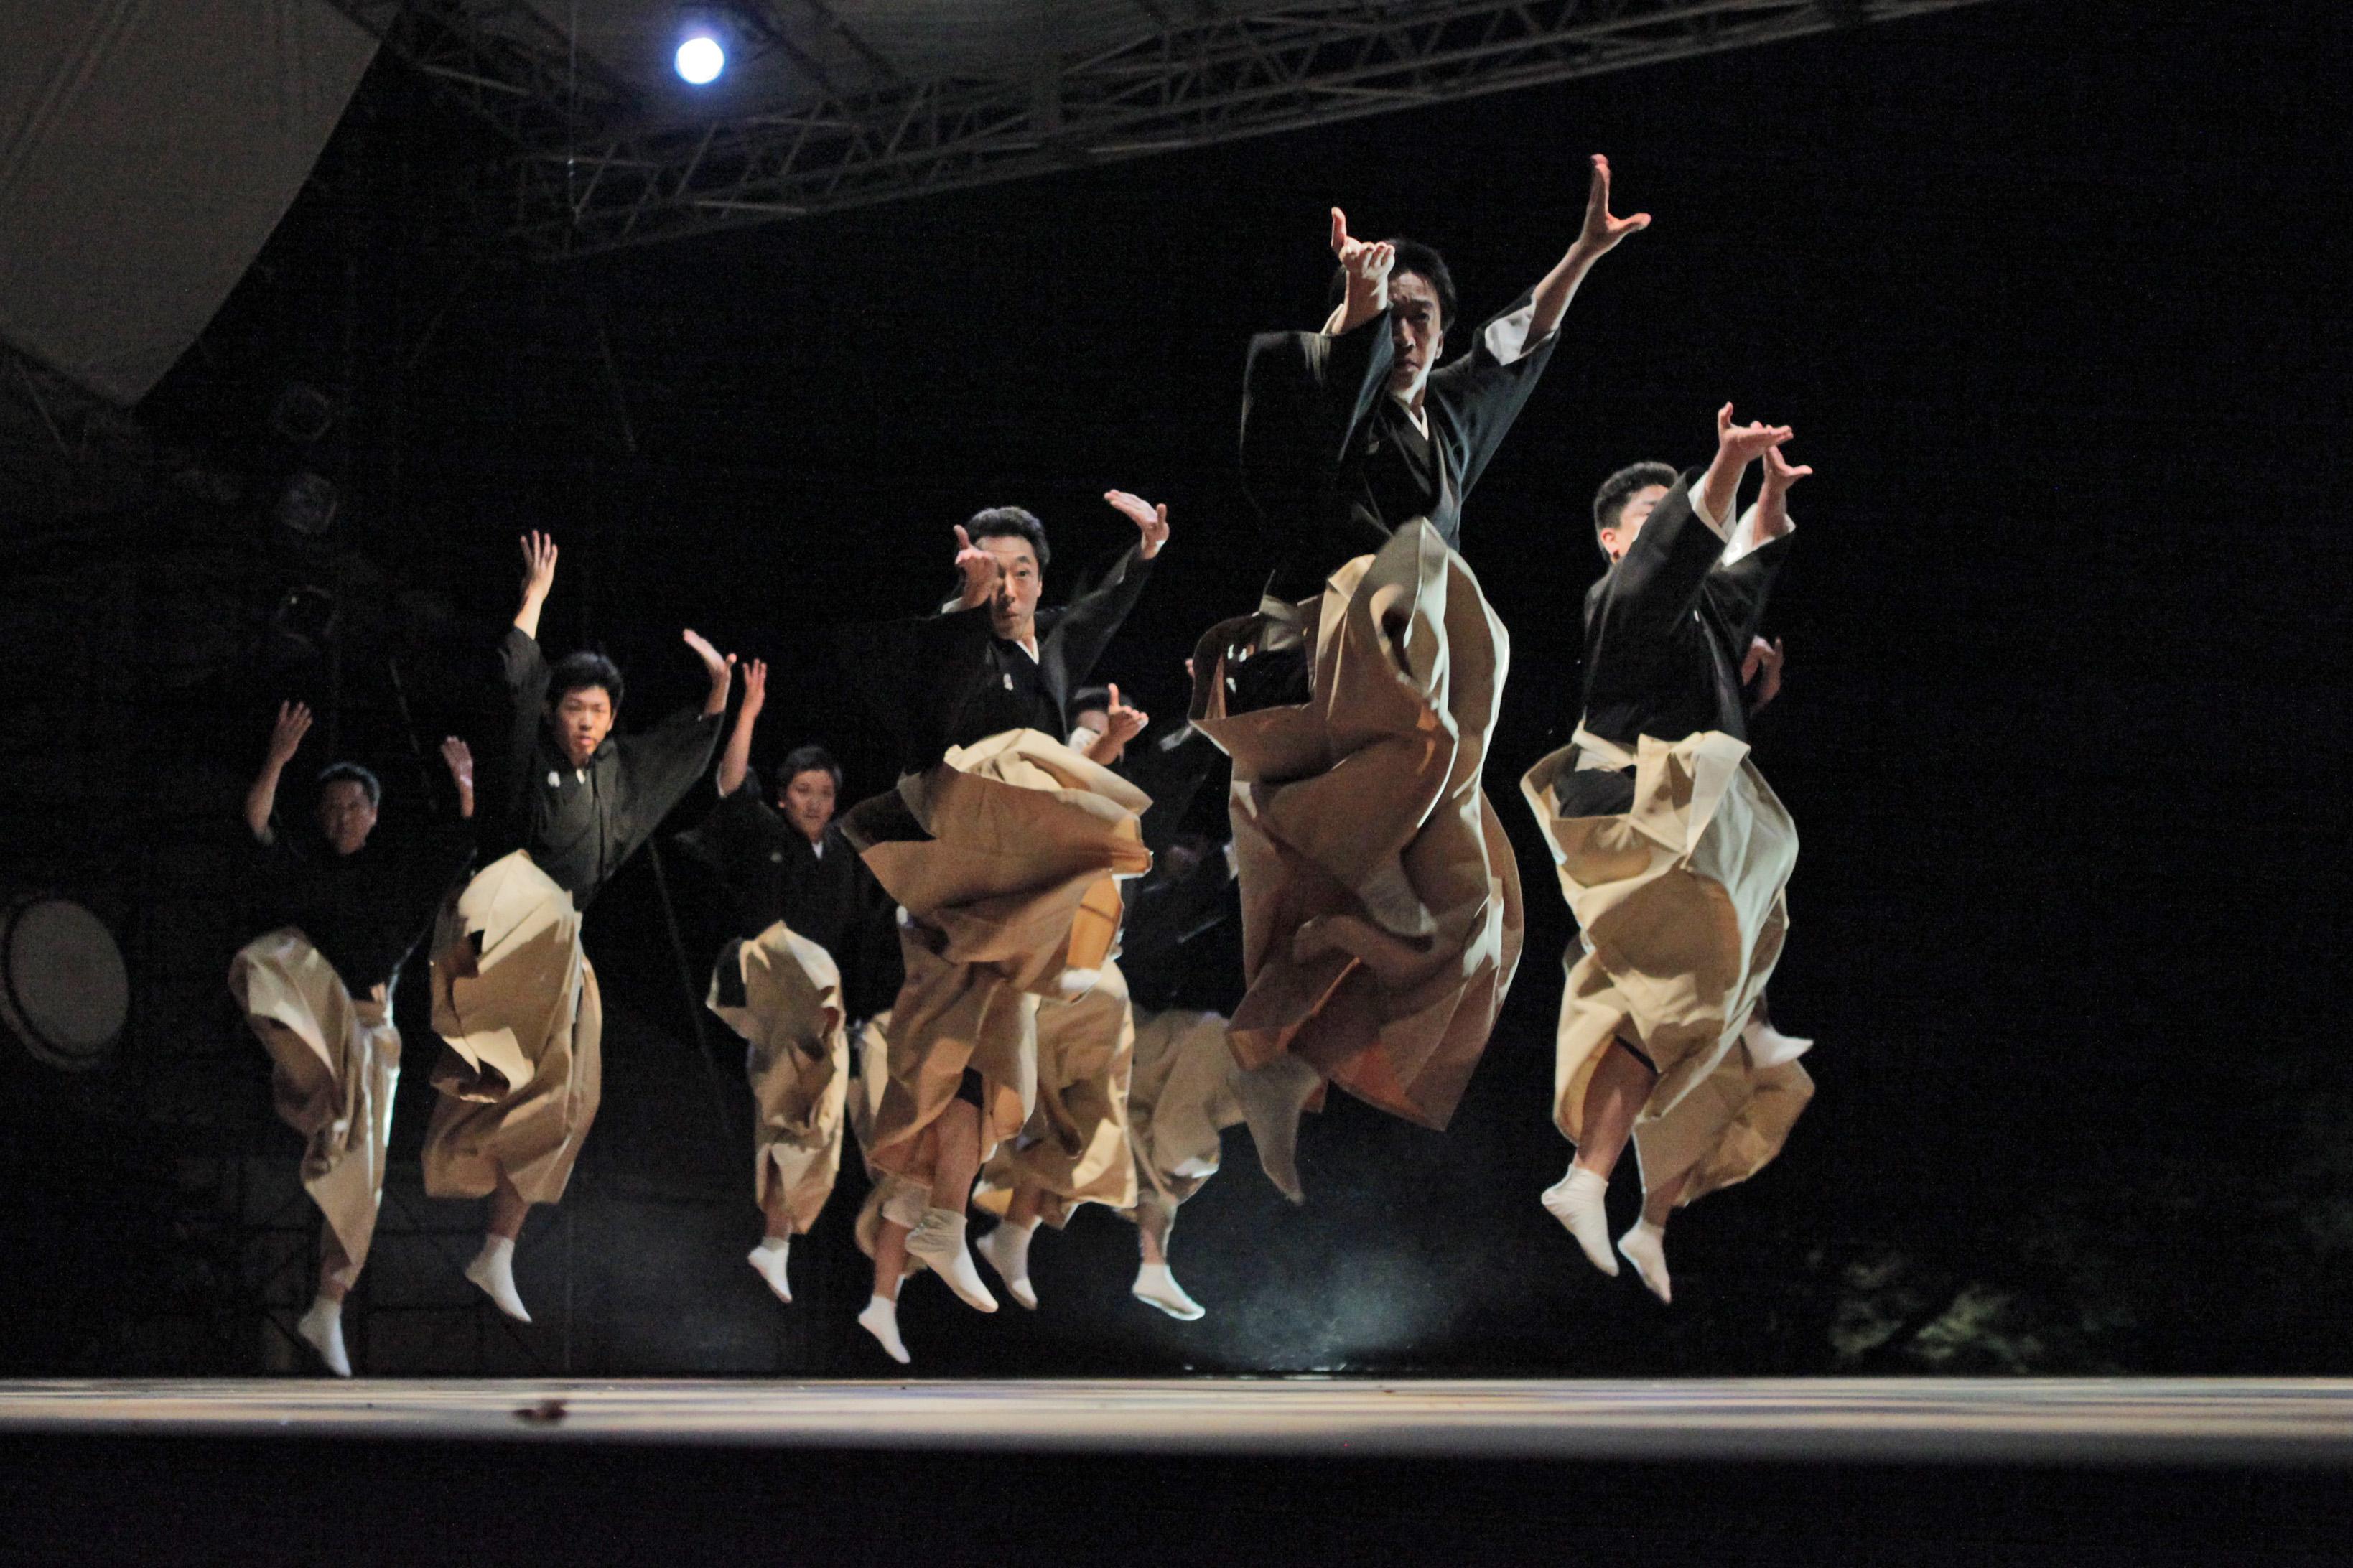 日本舞踊家集団 弧の会 『コノカイズム』の画像